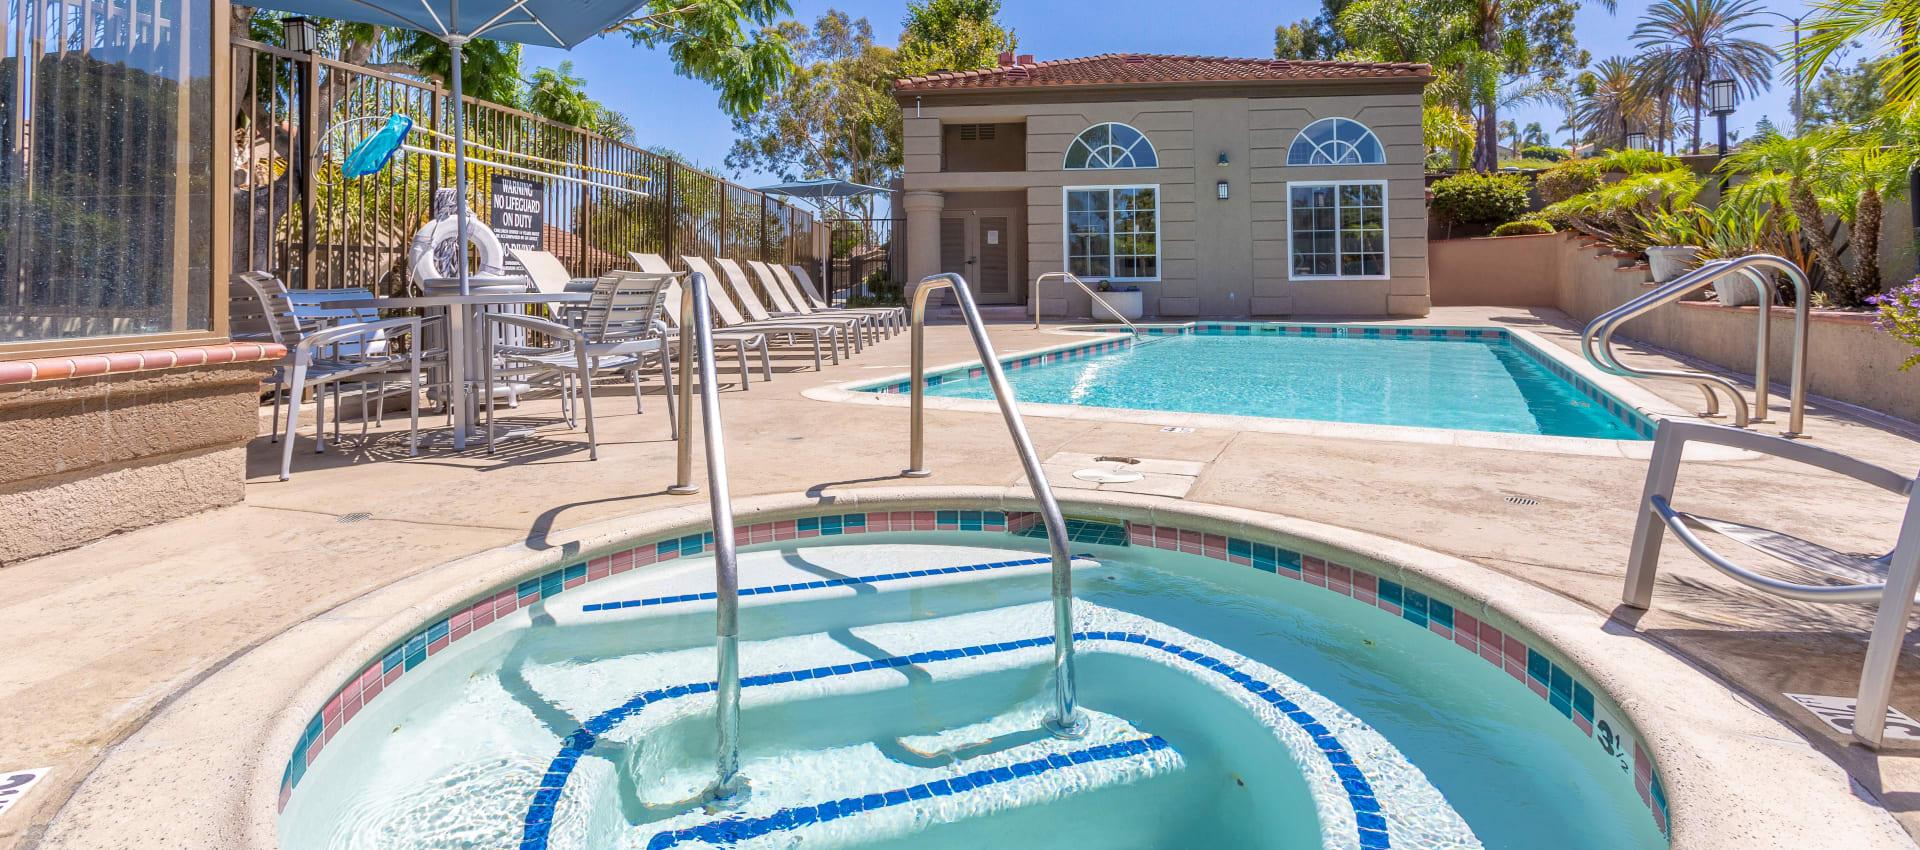 Hot Tub at Niguel Summit Condominium Rentals in Laguna Niguel, CA